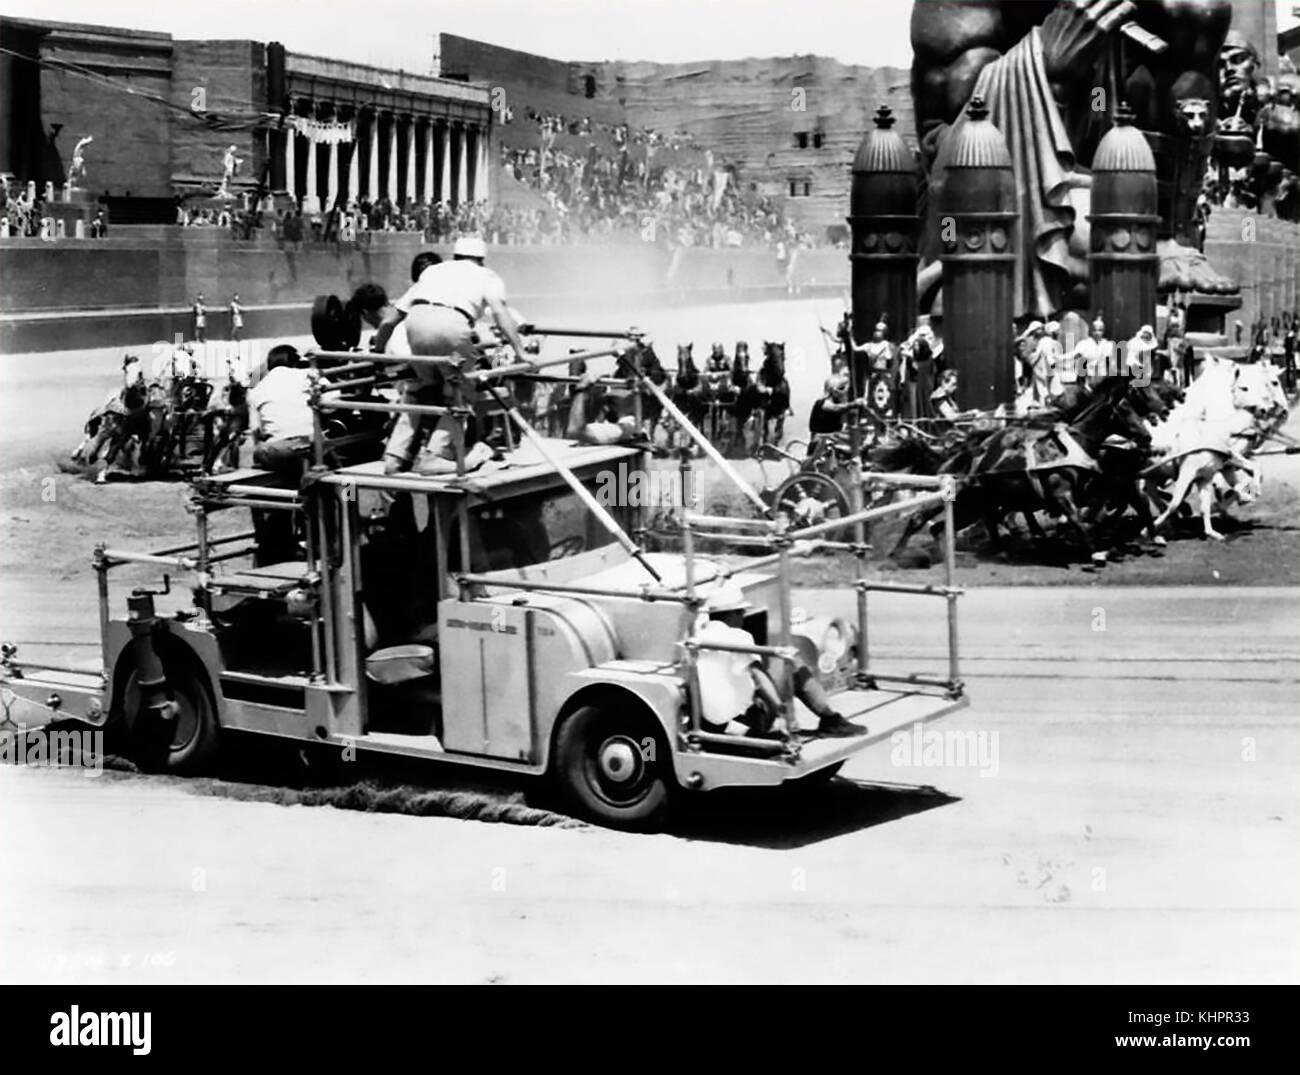 Ben-hur 1959 mgm film-shooting das Wagenrennen in Rom dauerte drei Monate. Stockbild